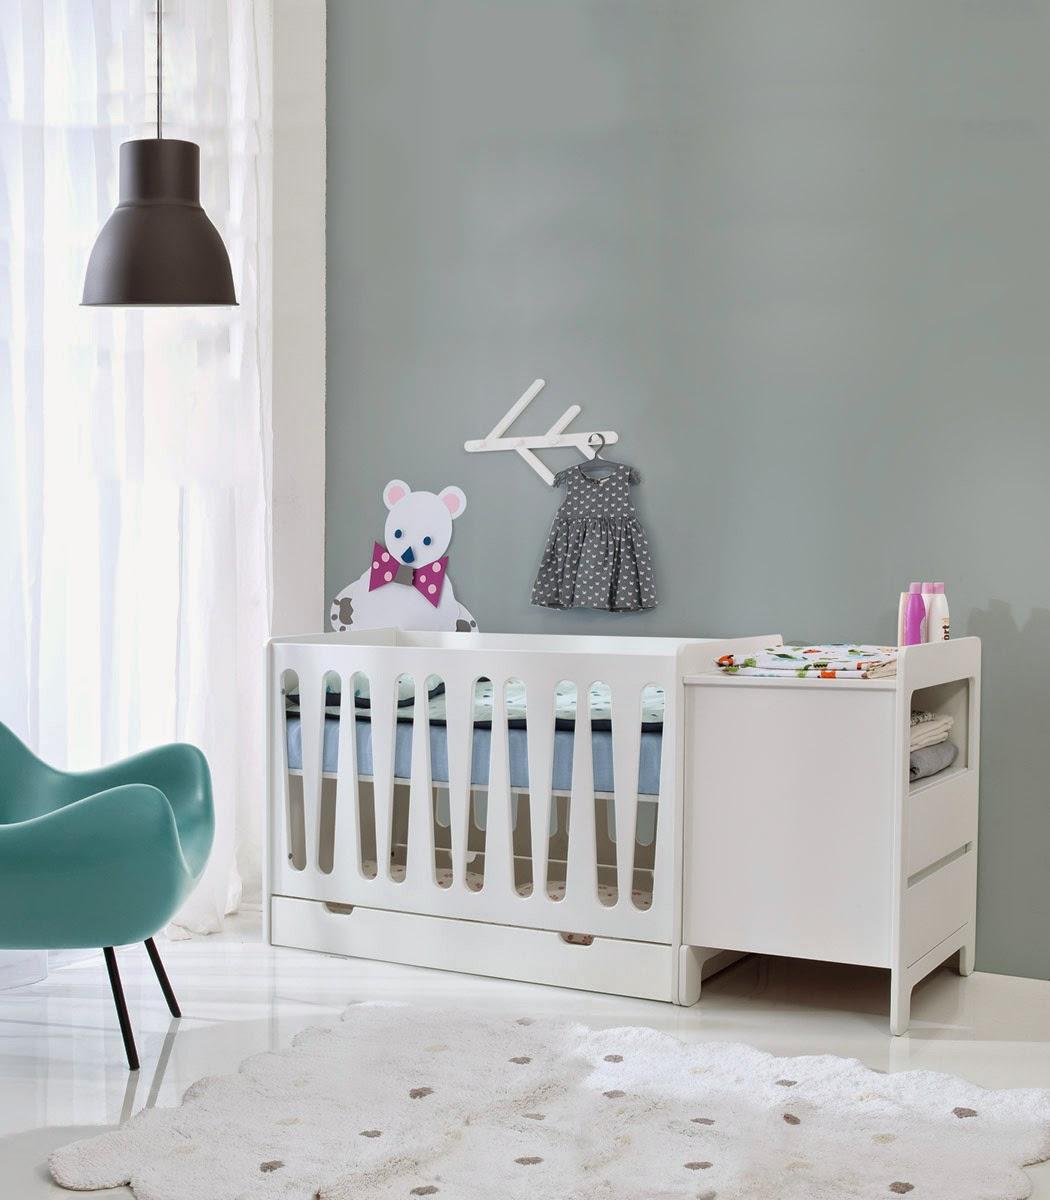 http://allegro.pl/lozeczko-biale-dla-dziecka-120x60cm-designerskie-i5046245616.html